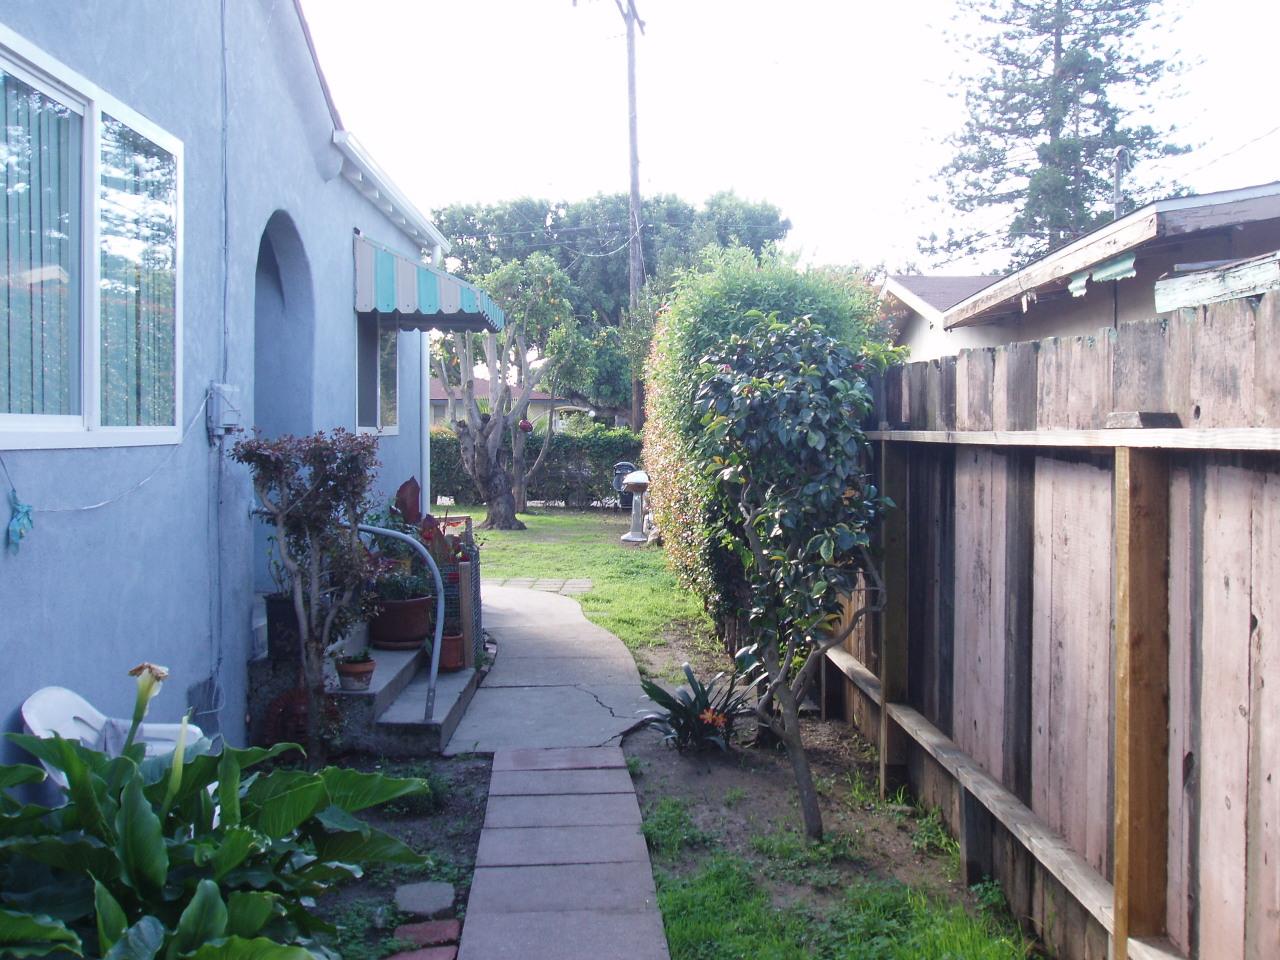 Property photo for 5770 Armitos Ave Goleta, California 93117 - 13-98